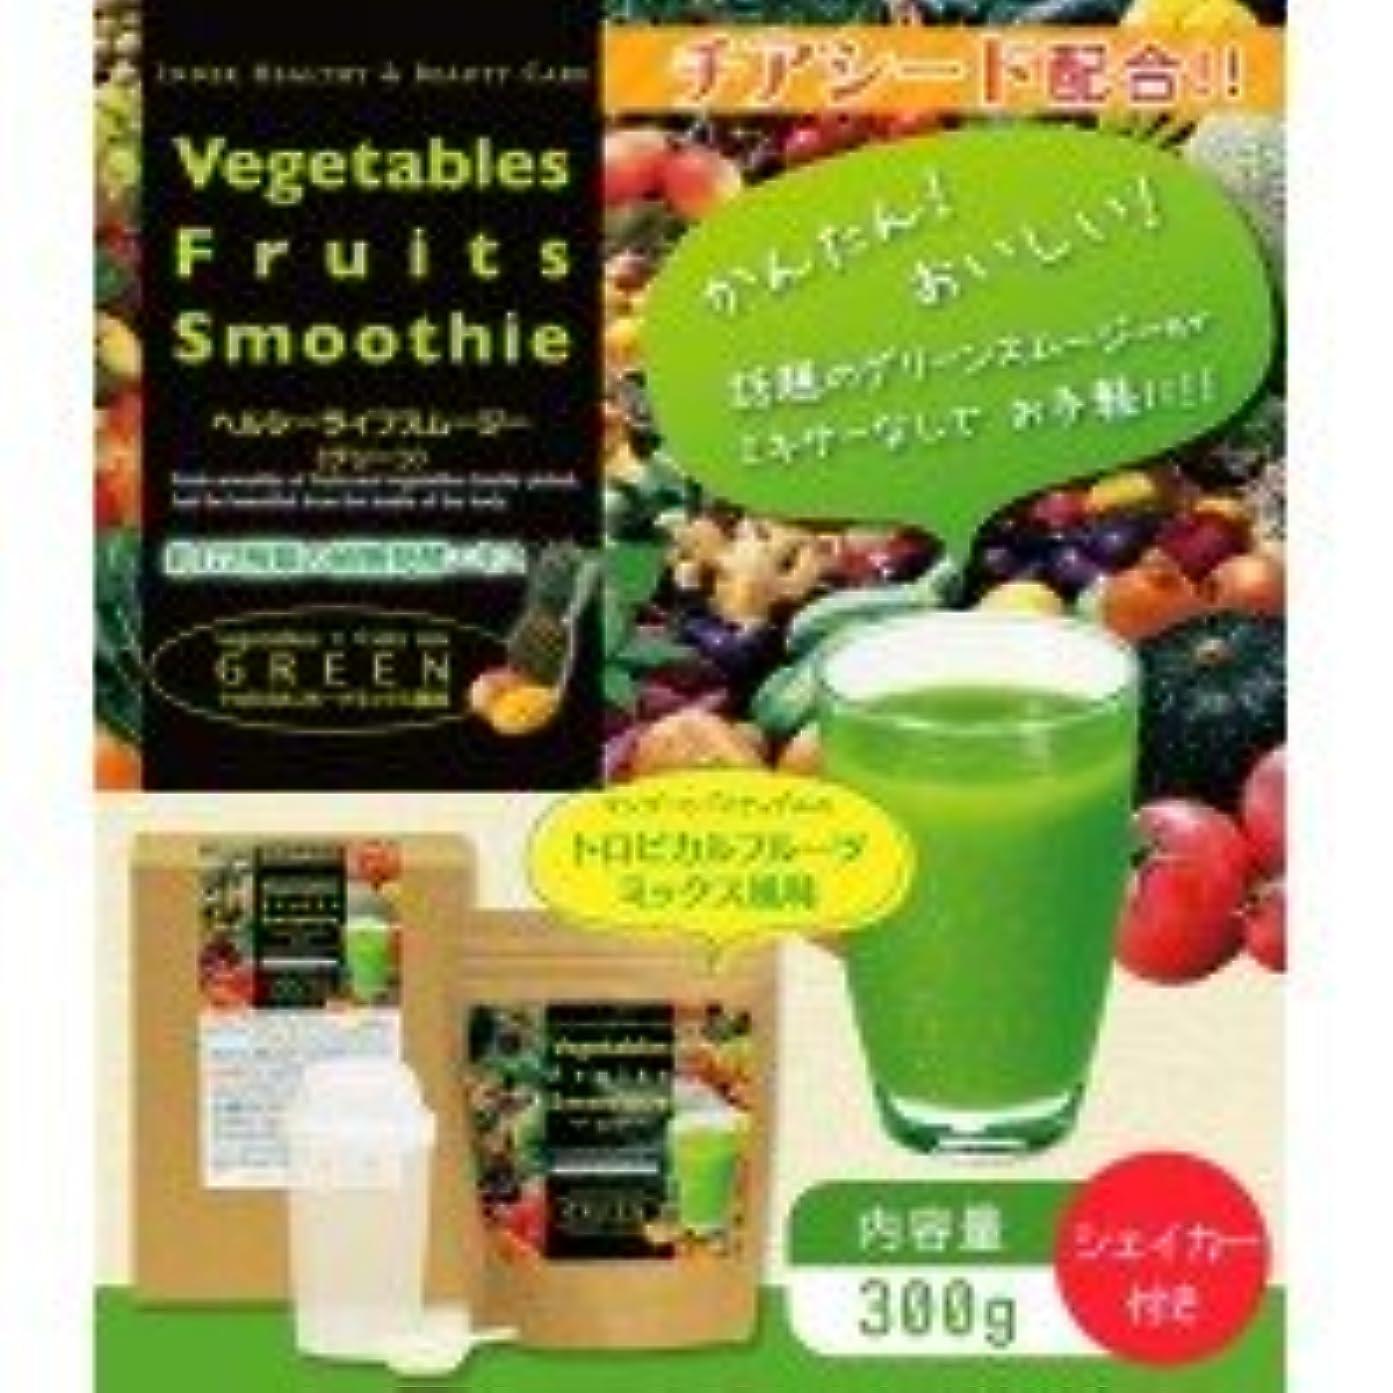 間違っている取り組む半球Vegetables Fruits Smoothie ヘルシーライフスムージー(グリーン)トロピカルフルーツミックス味(300g シェイカー付) 日本製